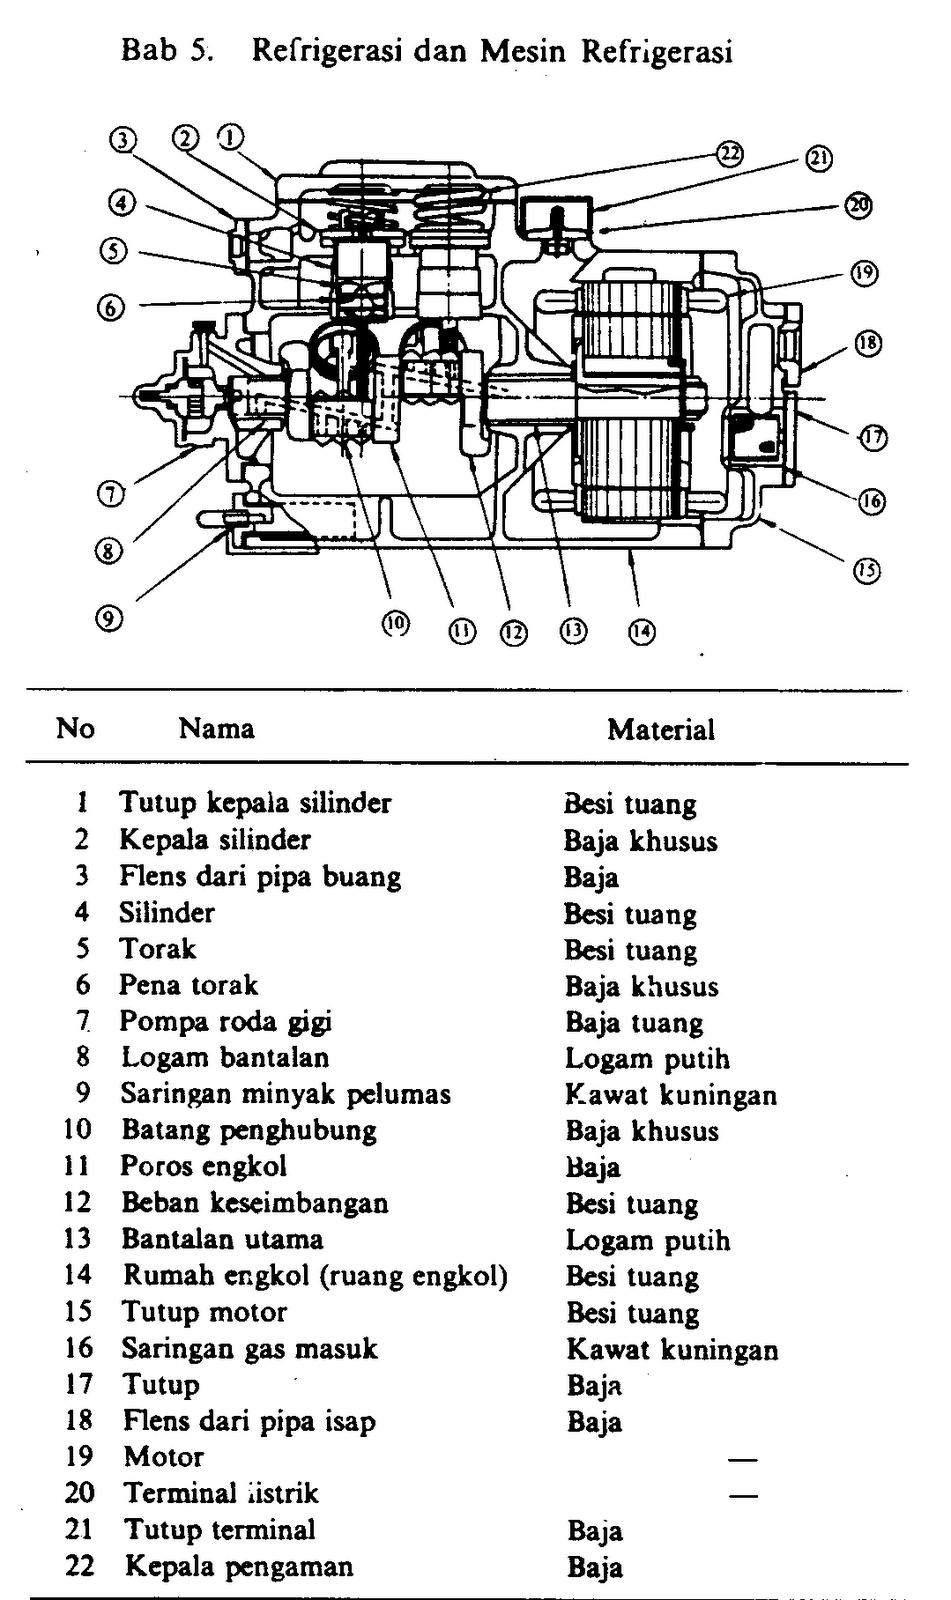 contoh skripsi 320 x 172 12 kb png contoh skripsi kumpulan skripsi